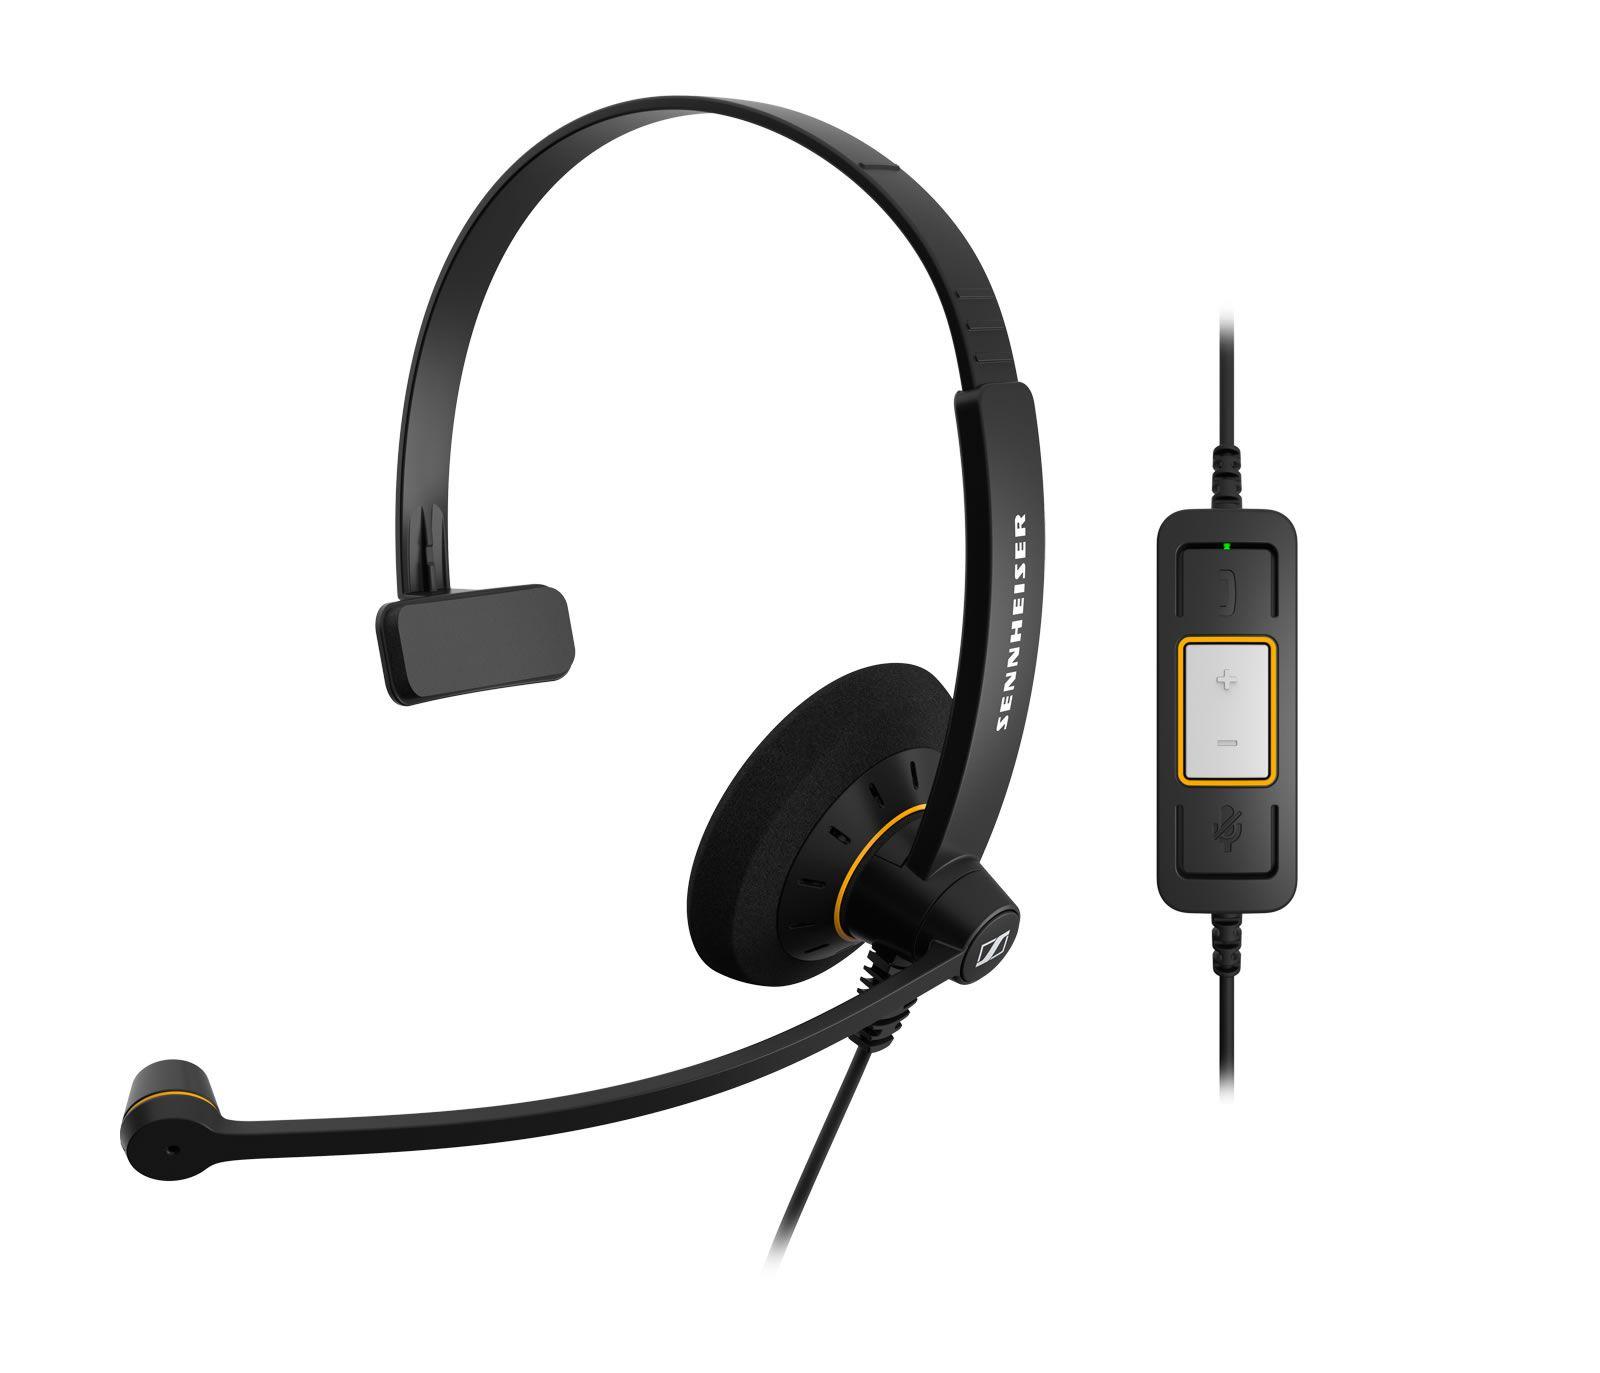 Image of Sennheiser SC 30 USB ML Mono Corded Headset for PC